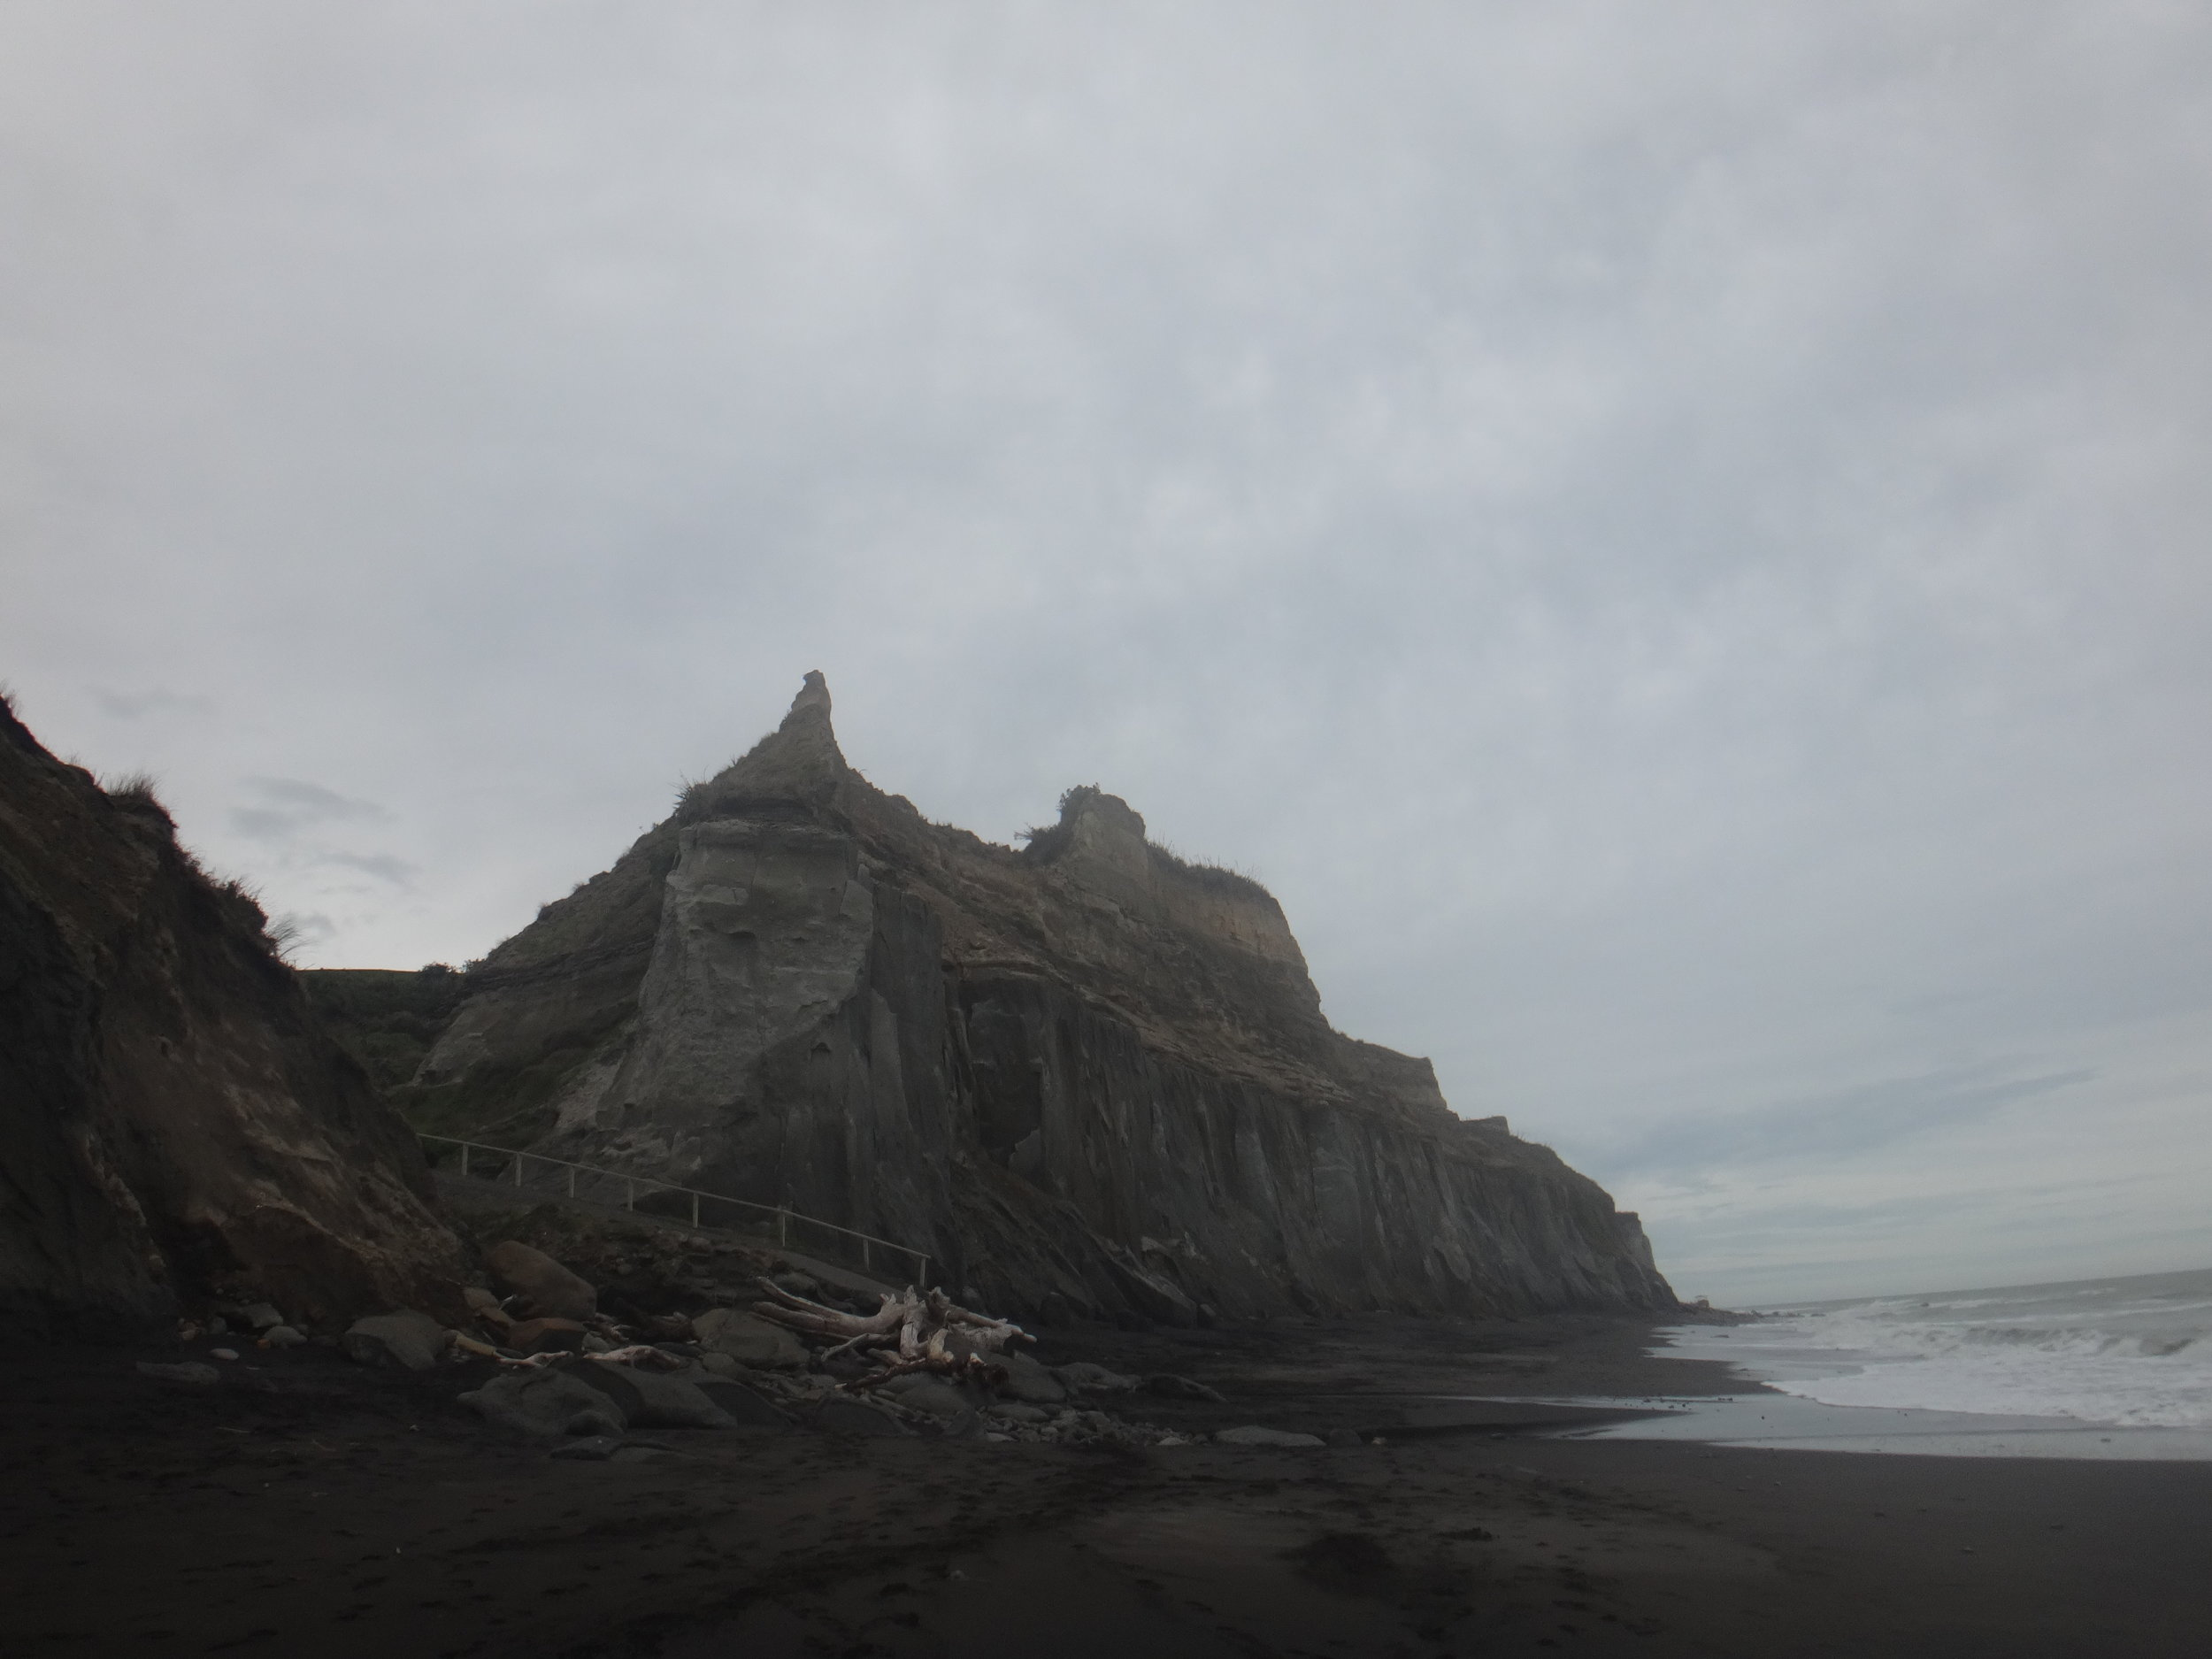 Waihi Beach South Taranaki. Such incredible cliffs.